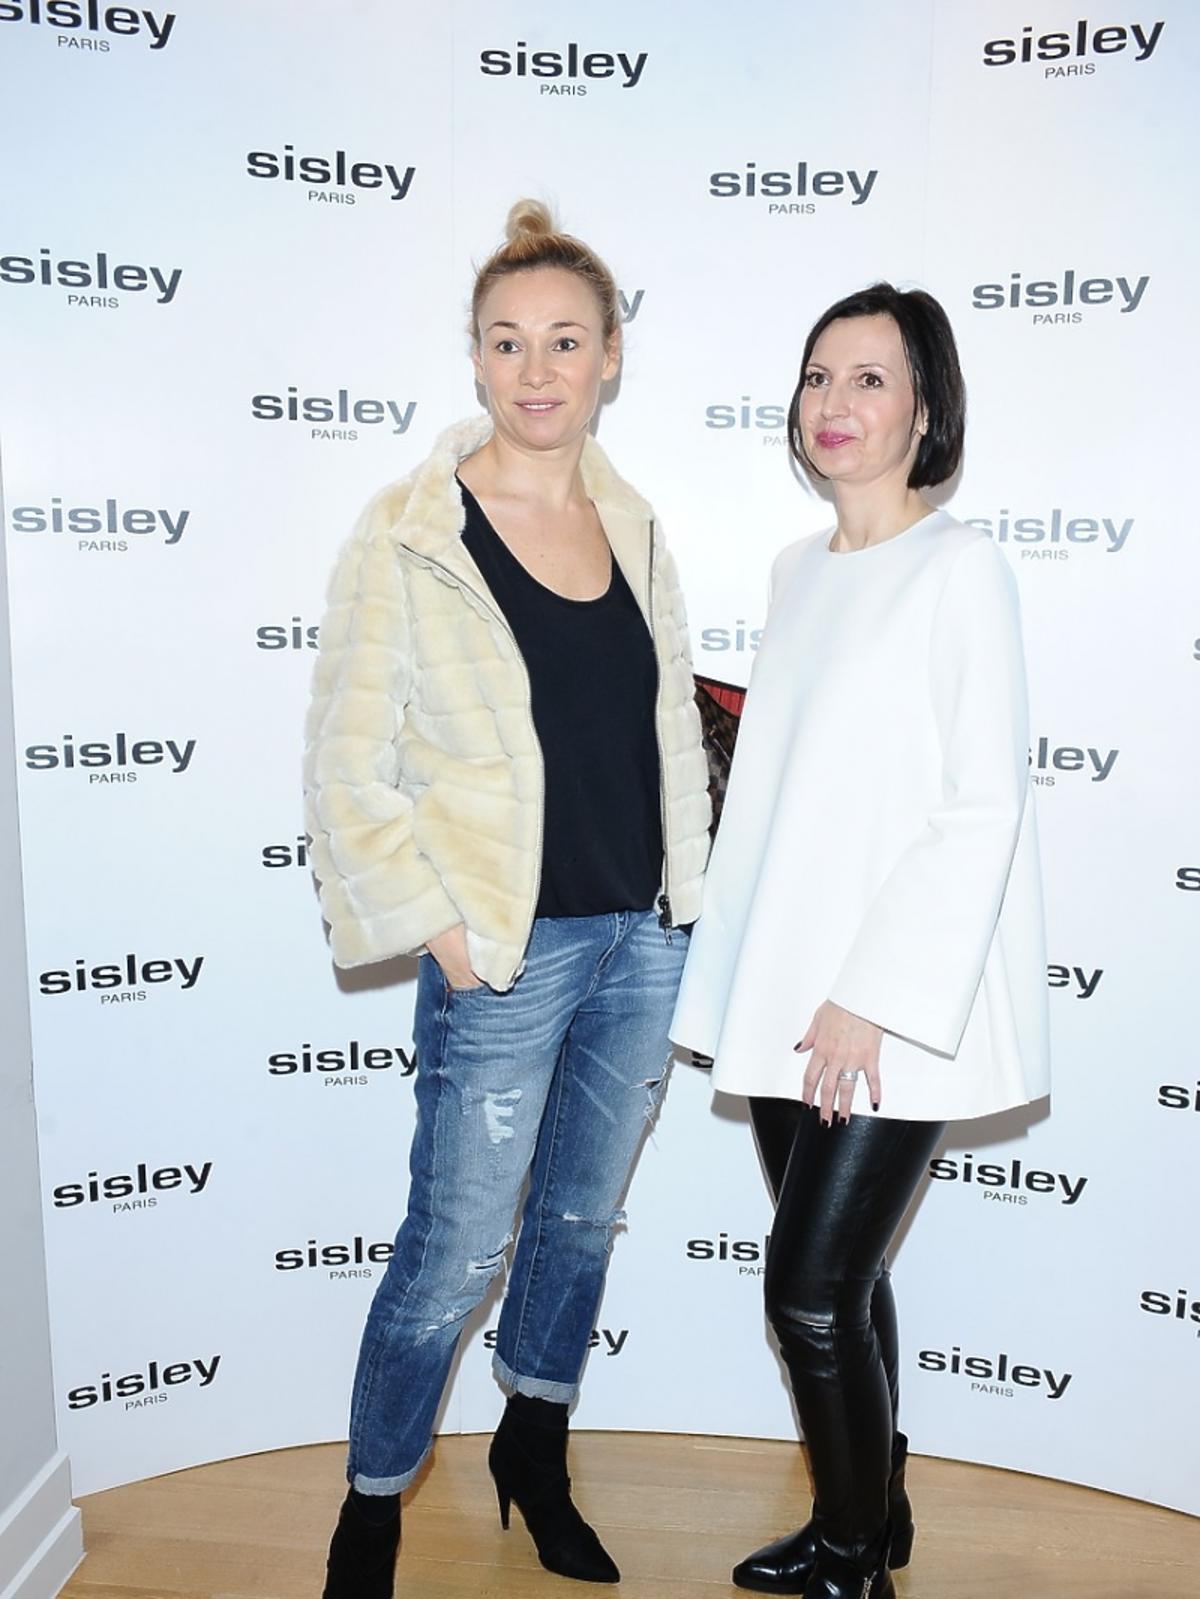 Sonia Bohosiewicz prezentacji marki Sisley